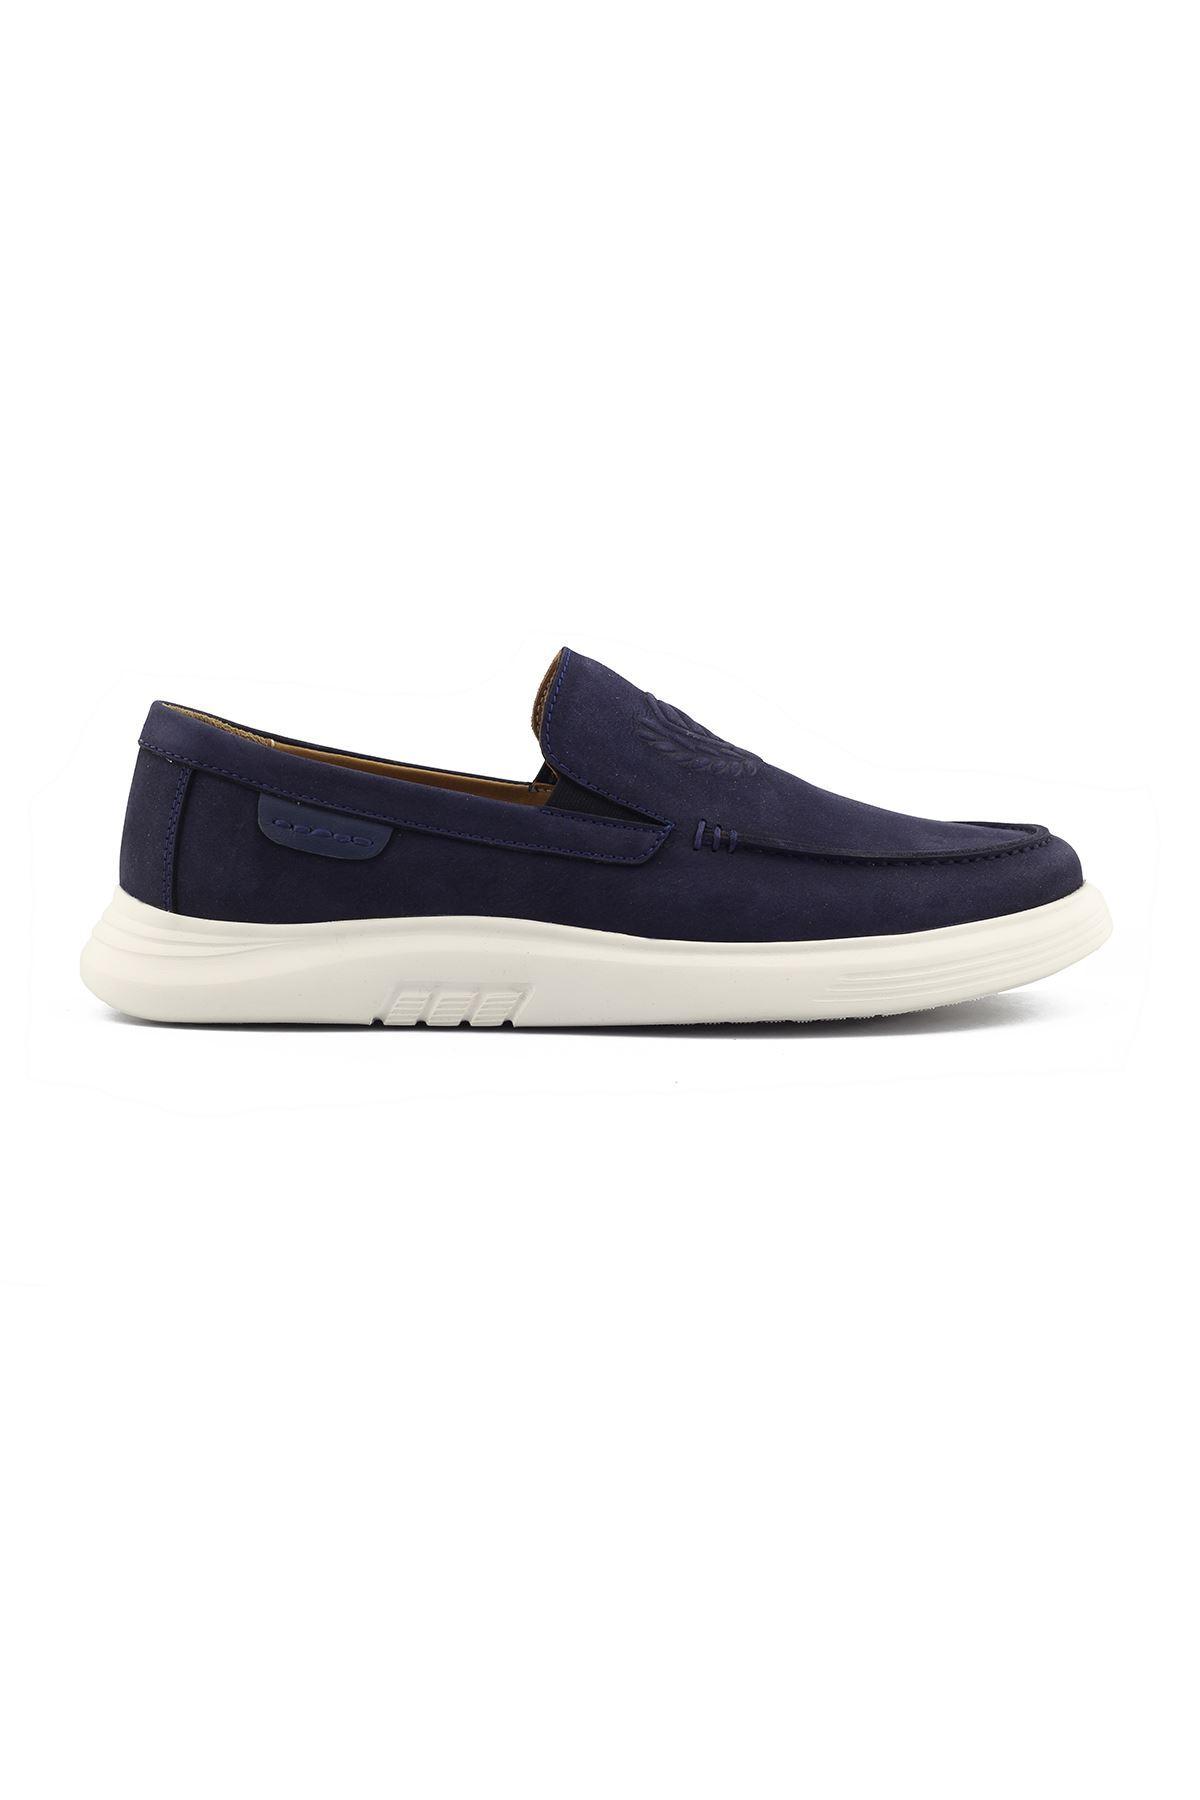 2105 Nubuk Lacivert Stil Erkek Ayakkabı